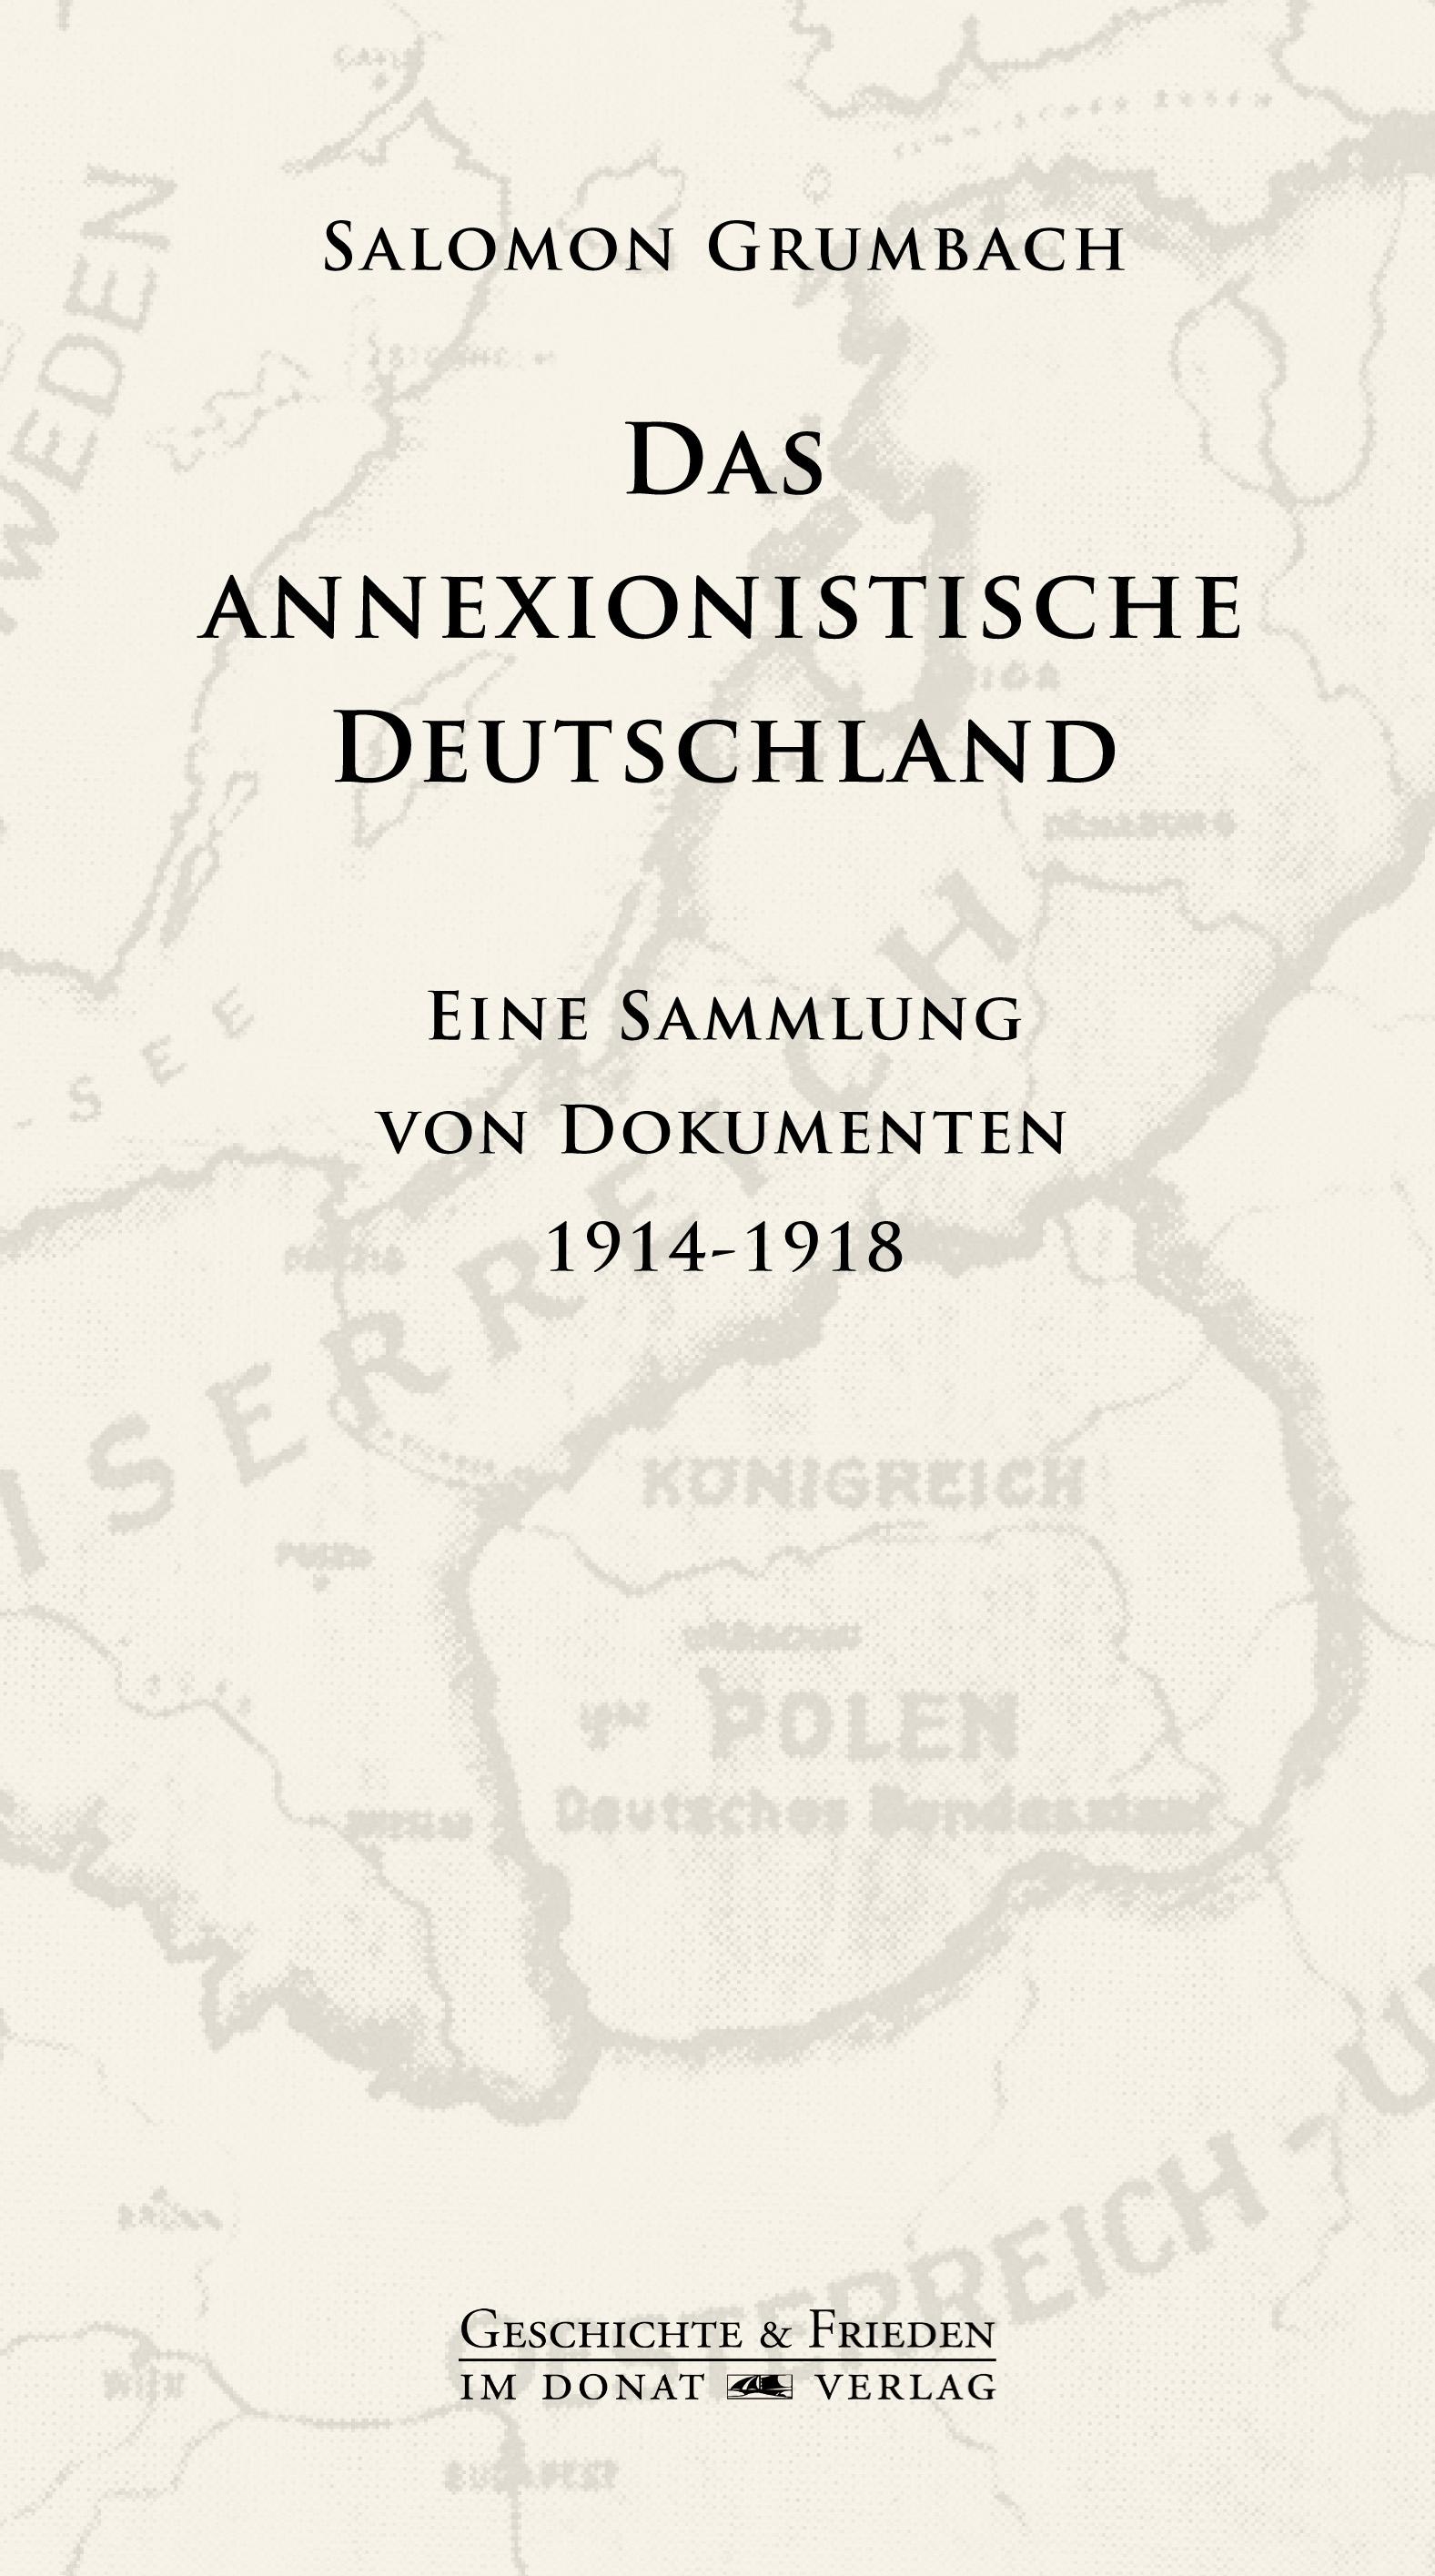 Das annexionistische Deutschland